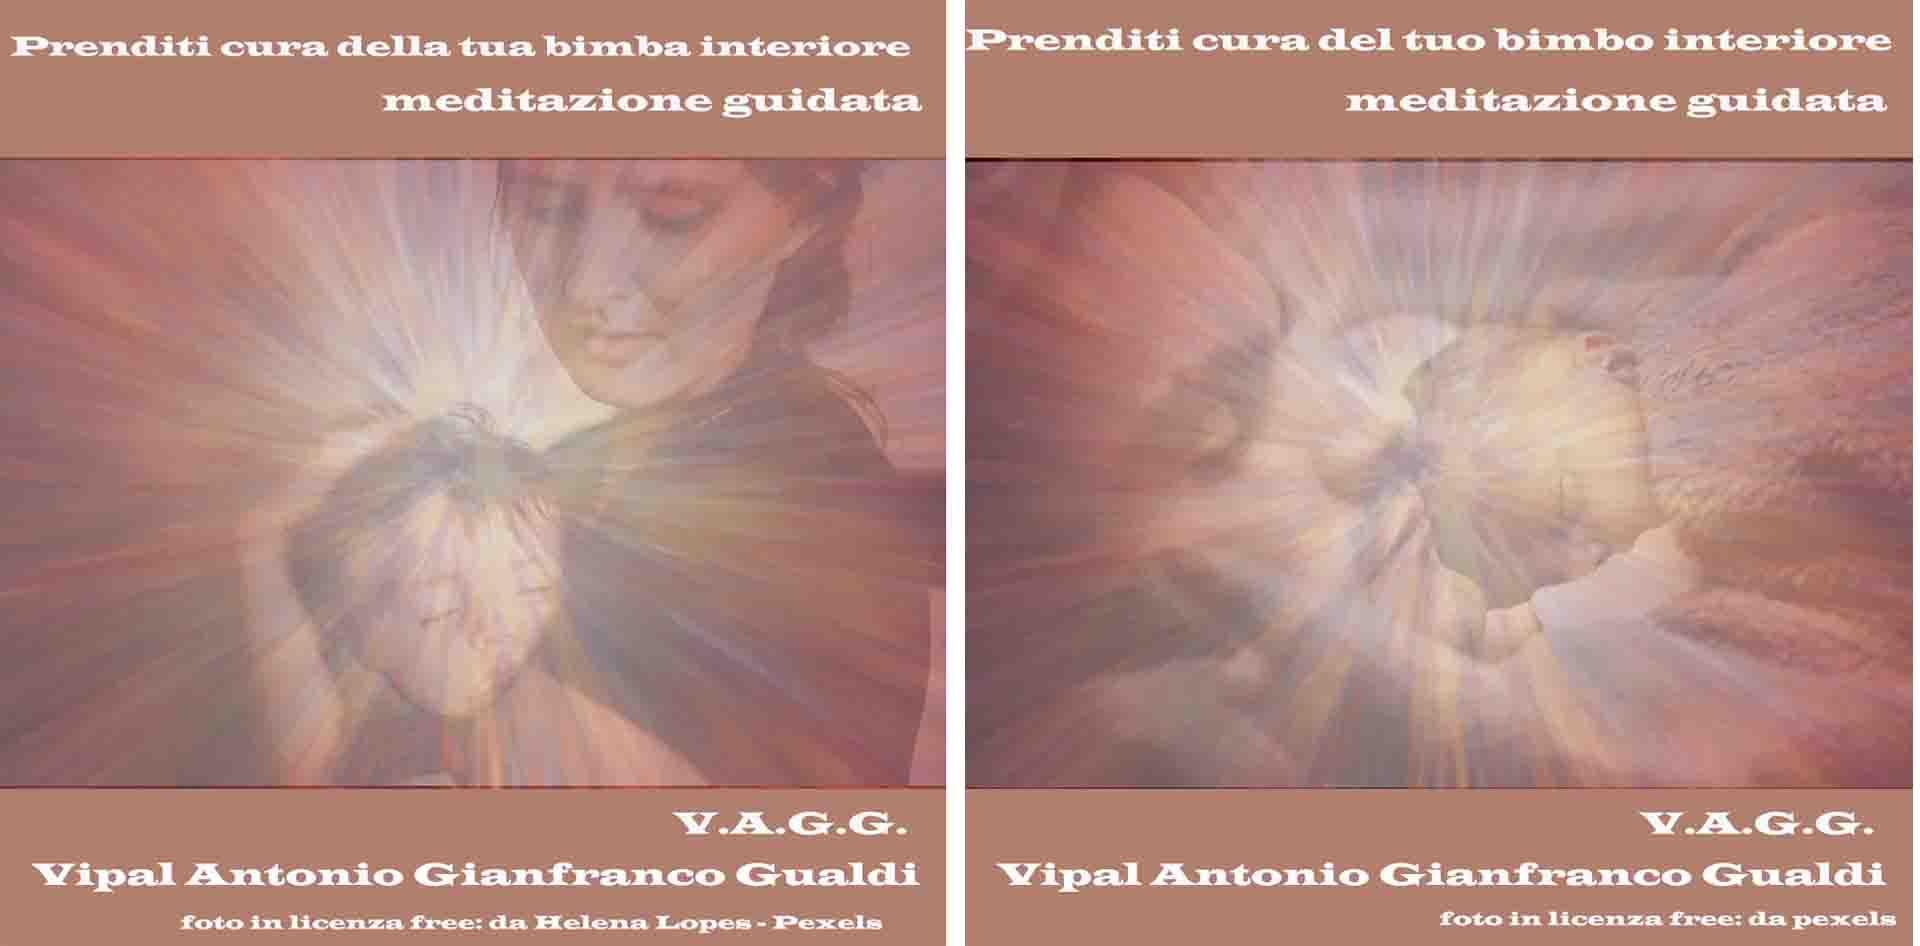 meditazione prenditi cura della tua bimba-bimbo interiore Vipal Antonio Gianfranco Gualdi